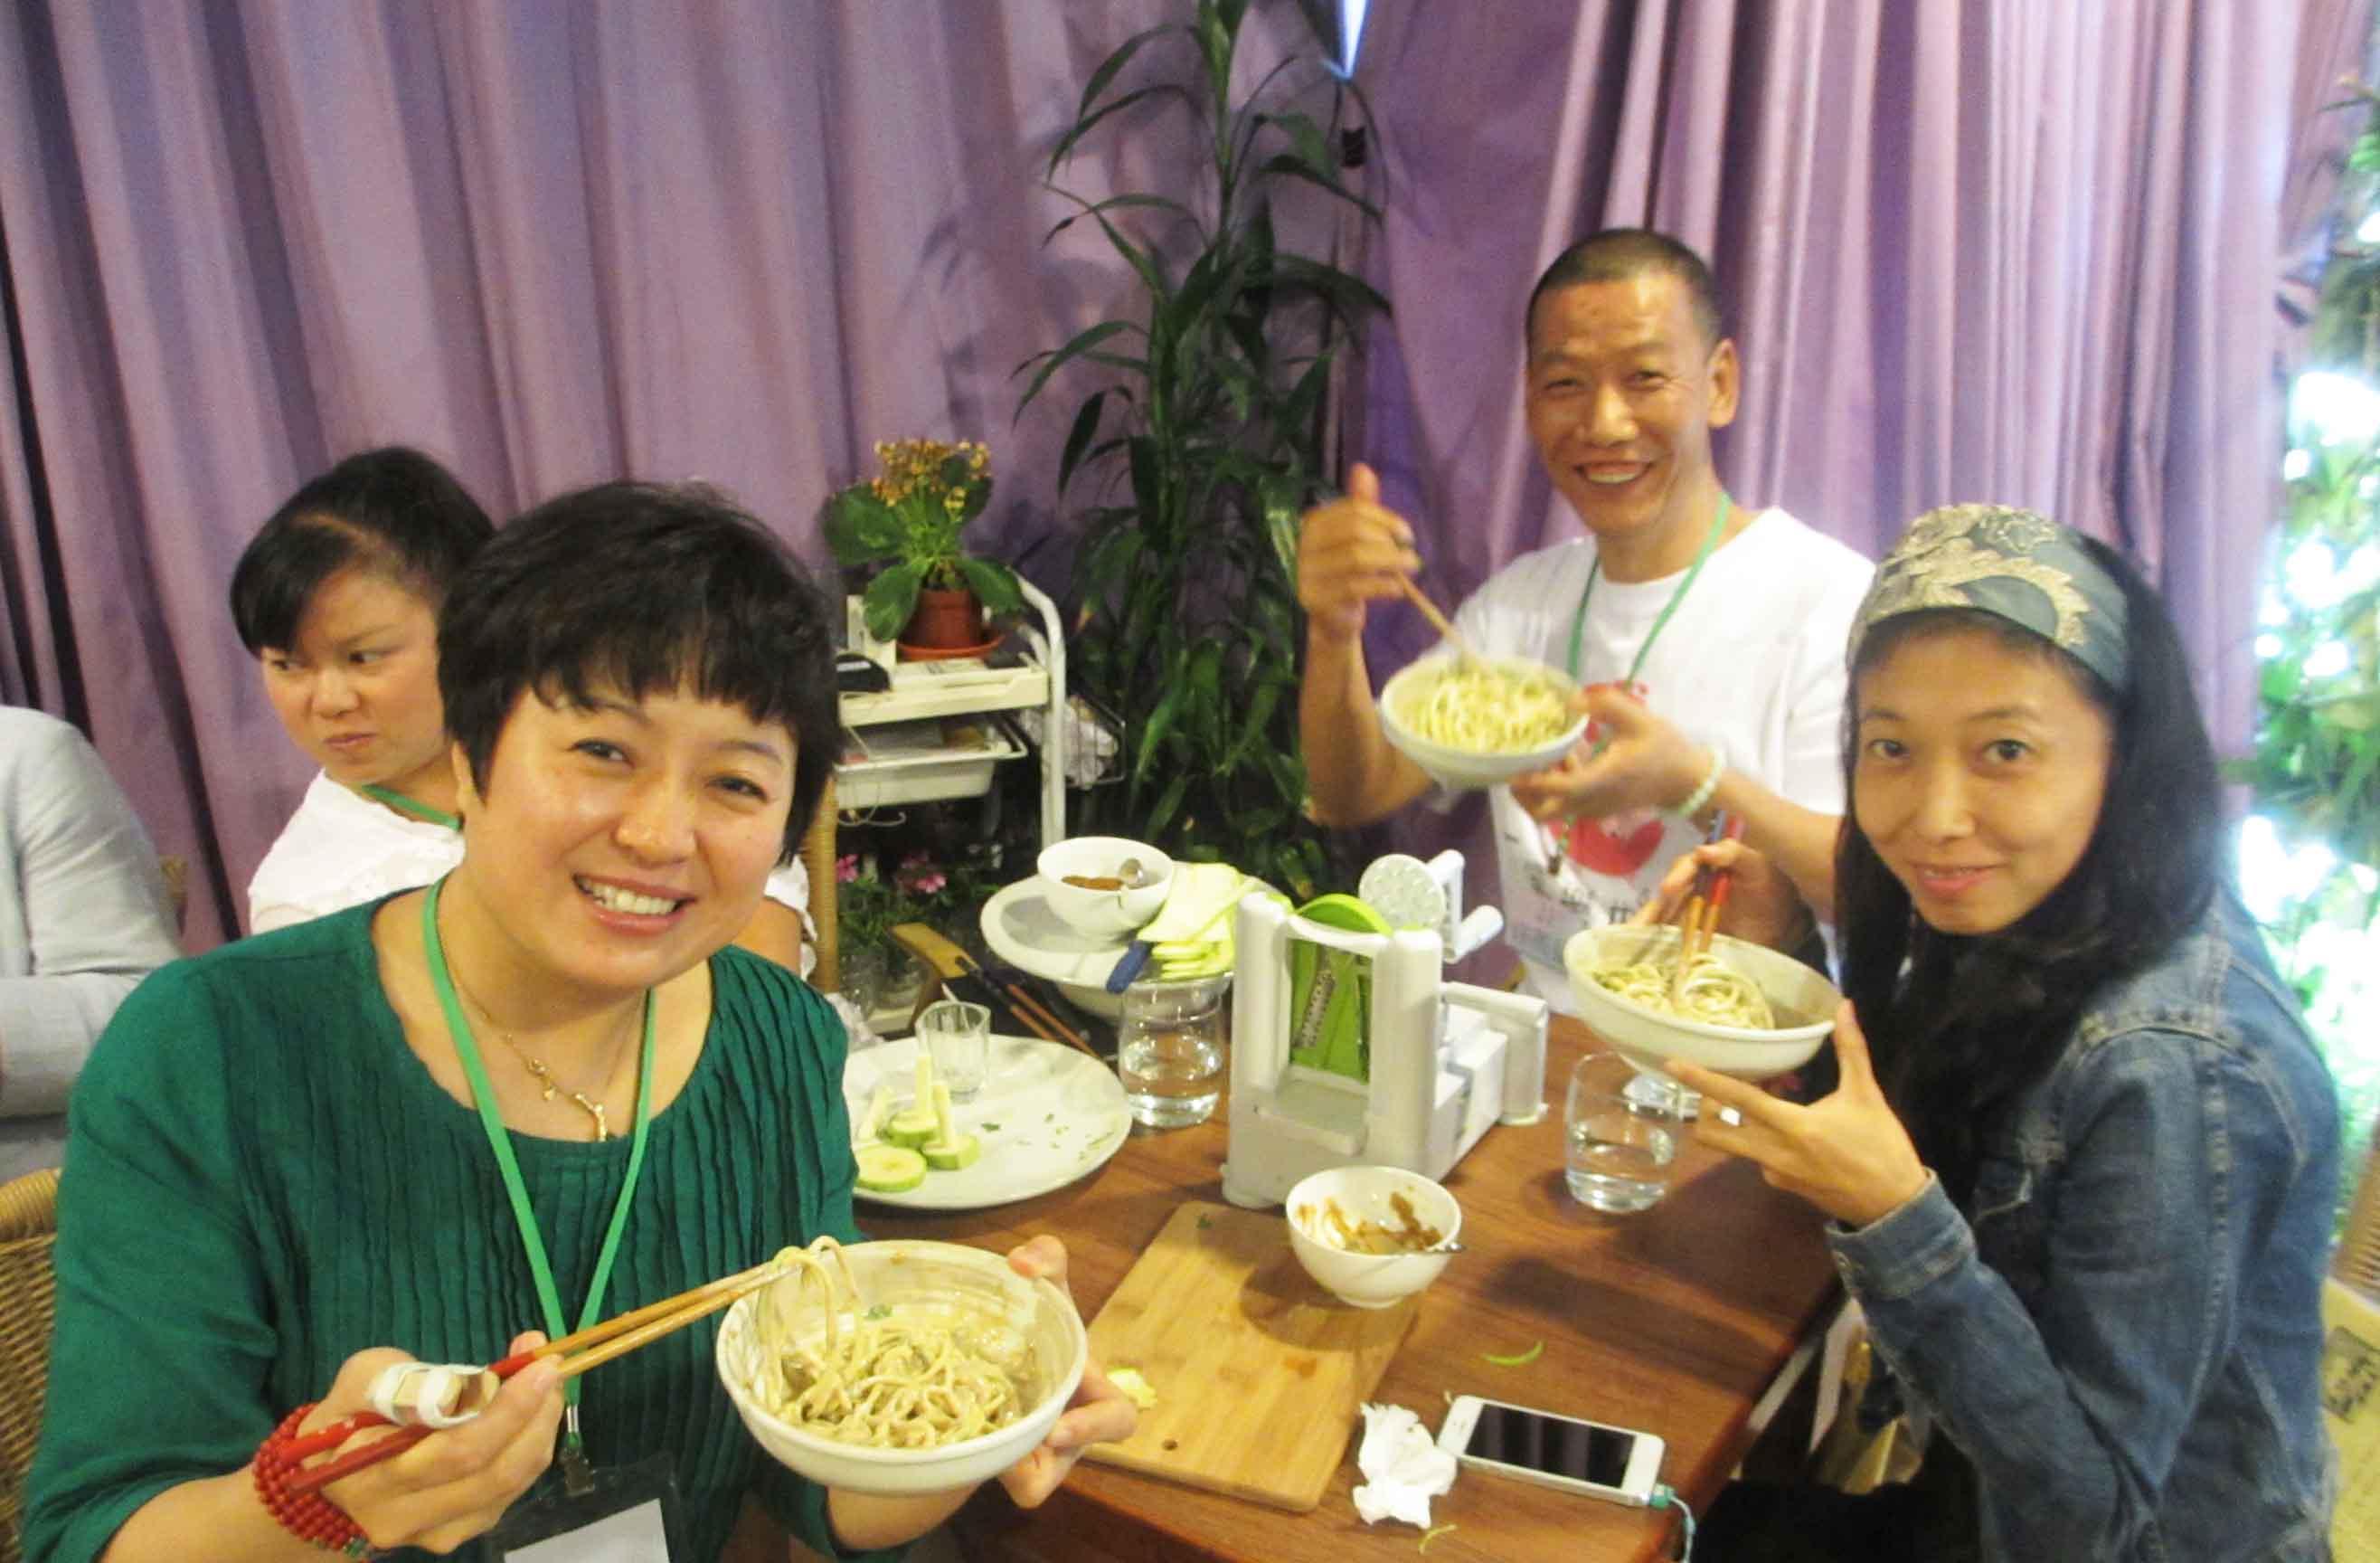 20140919 绿野林食生重生之旅 7....jpg